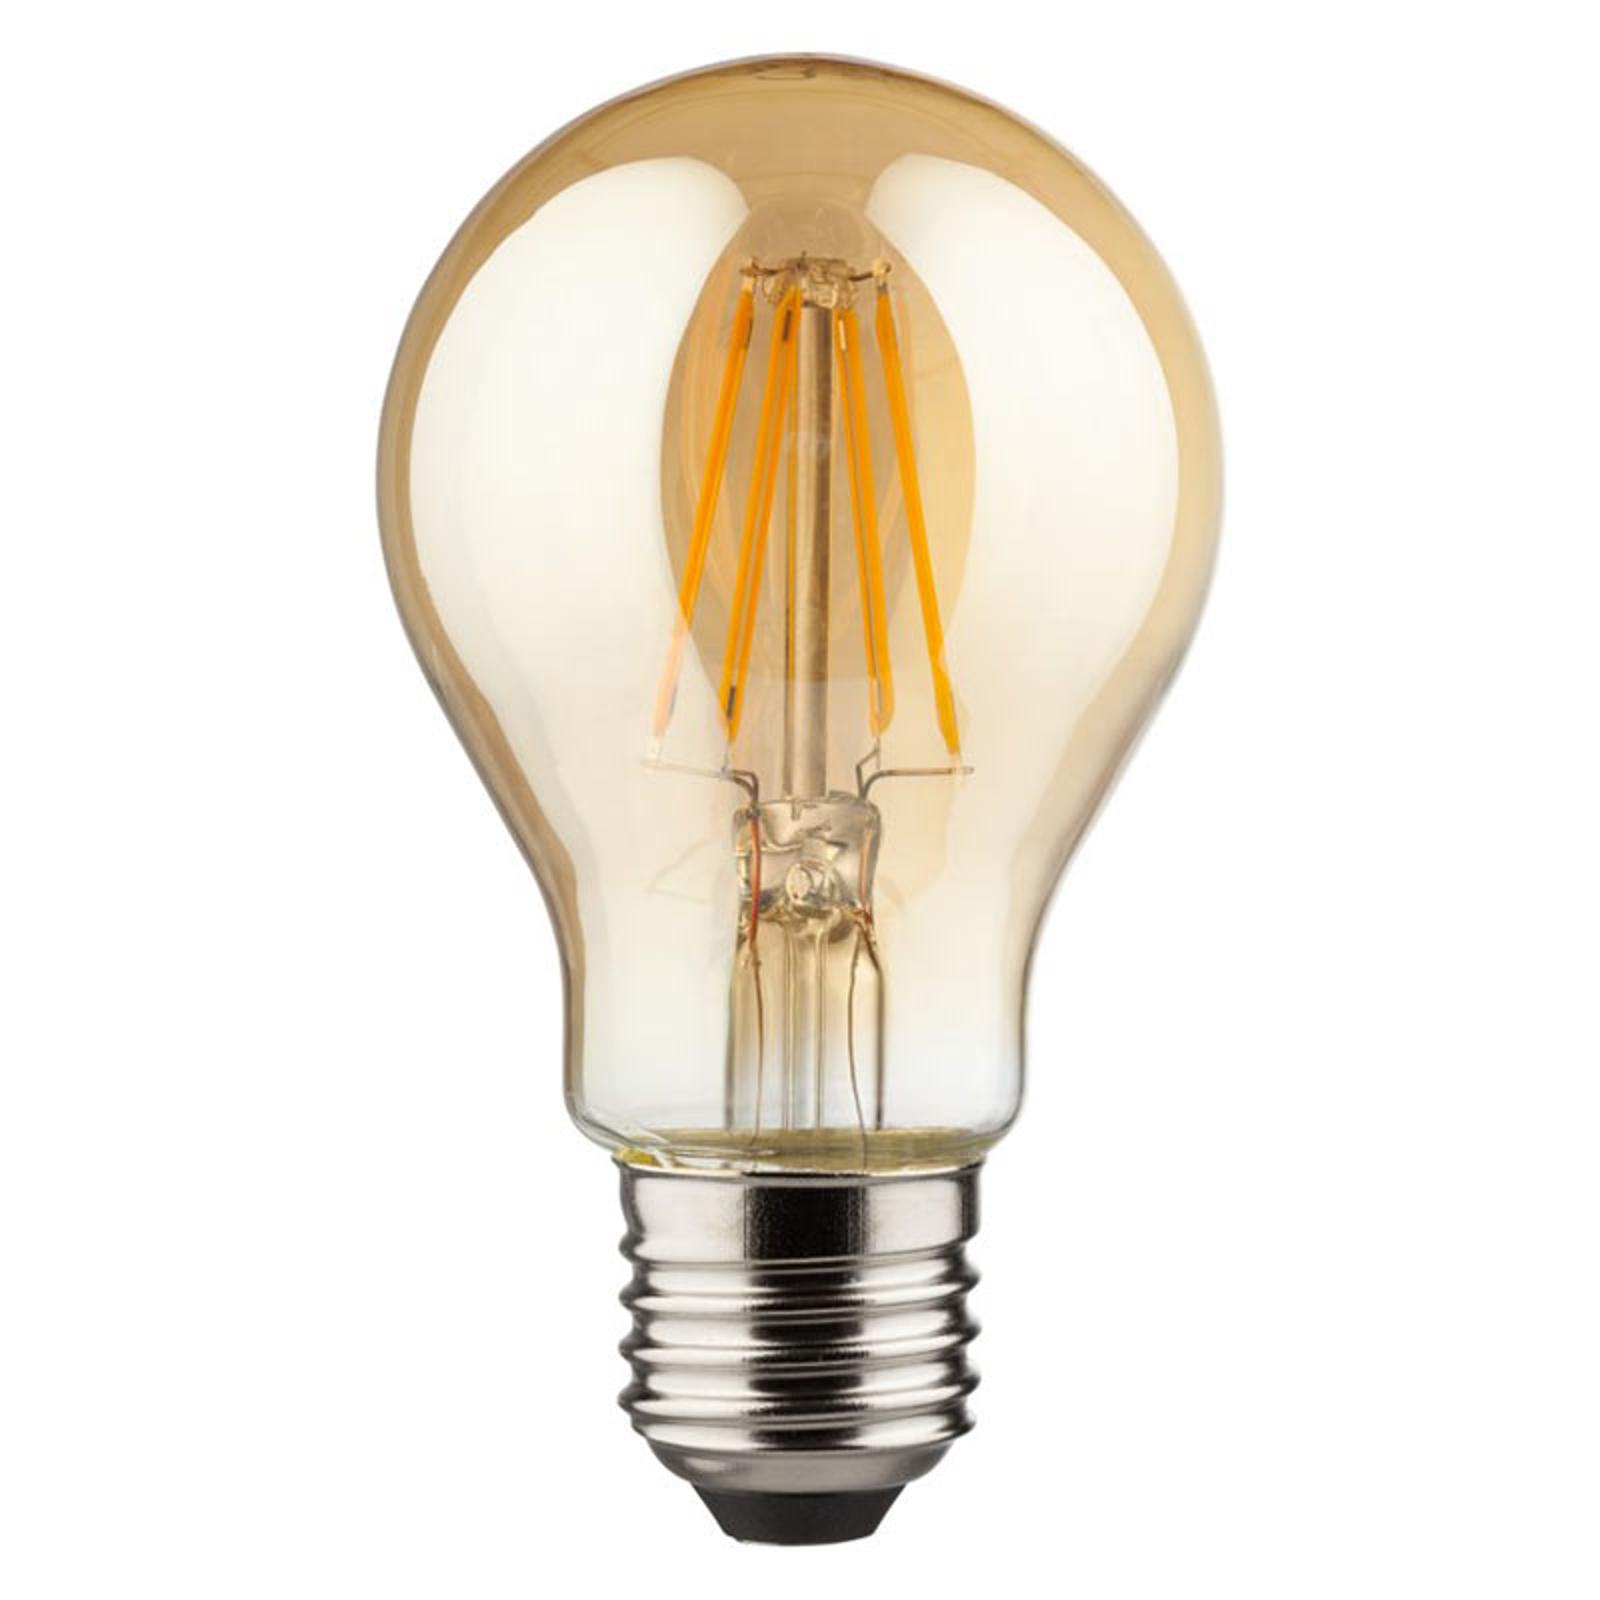 Żarówka LED E27 6,5W 2000 K 400lm Retro złota